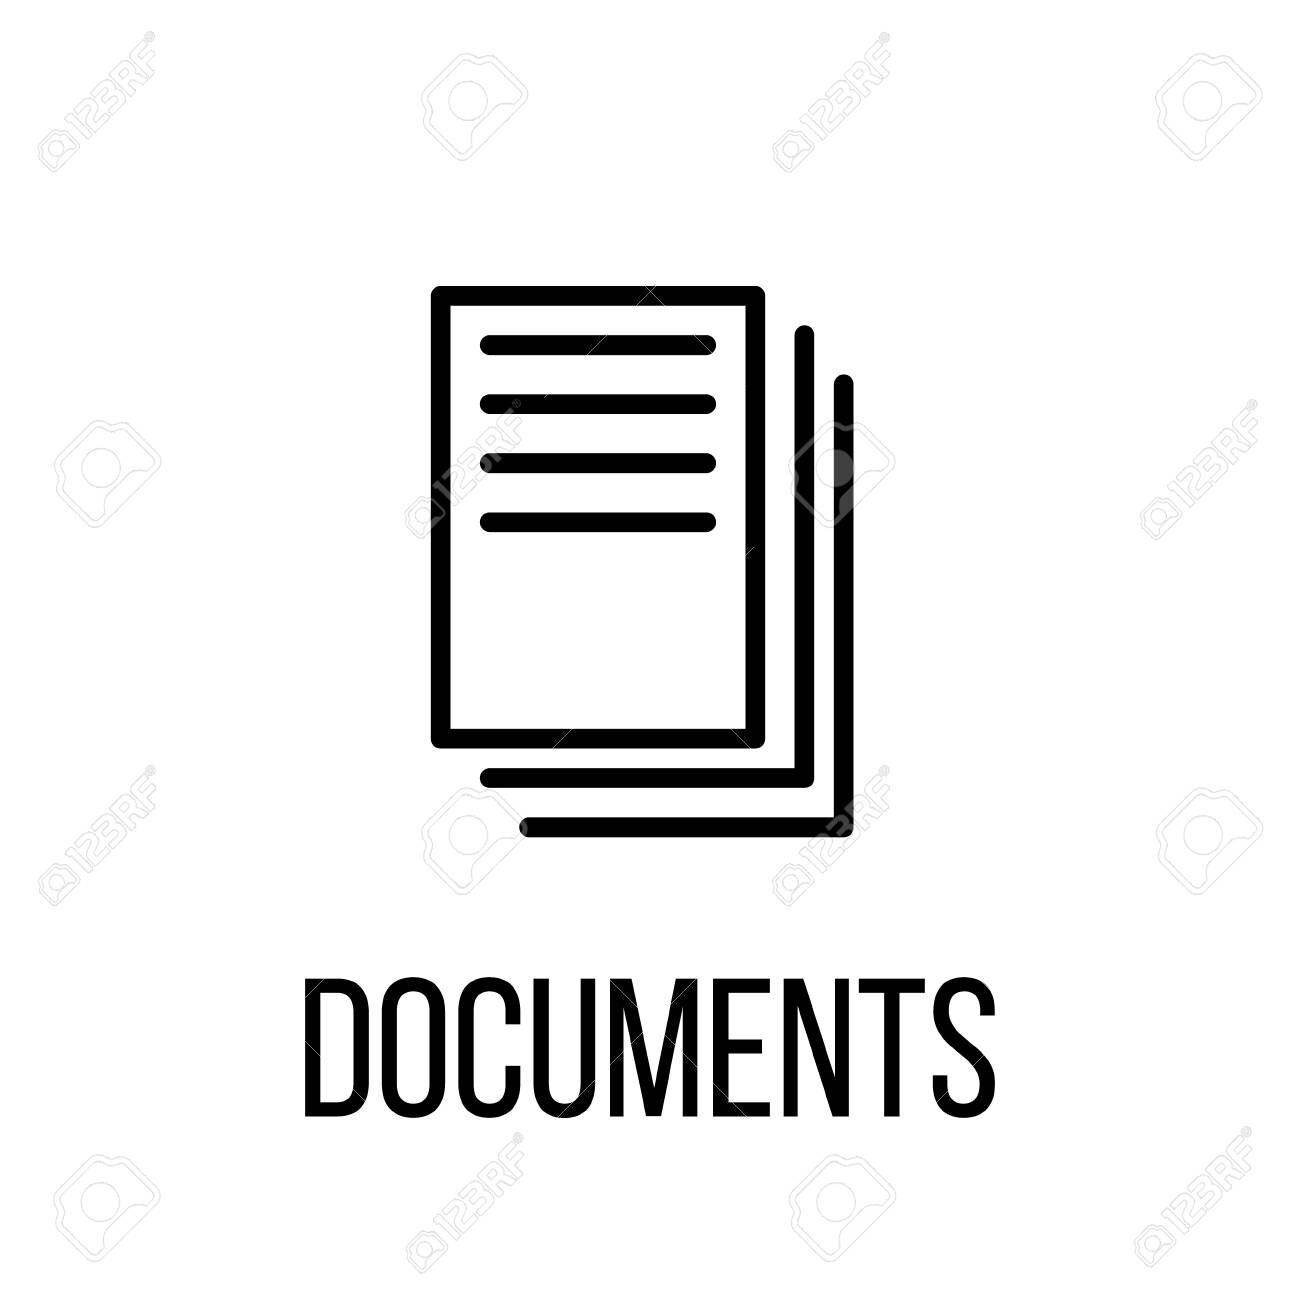 69424085-icône-de-documents-ou-logo-dans-un-style-de-ligne-moderne-pictogramme-noir-de-haute-qualité-pour-la-conce.jpg